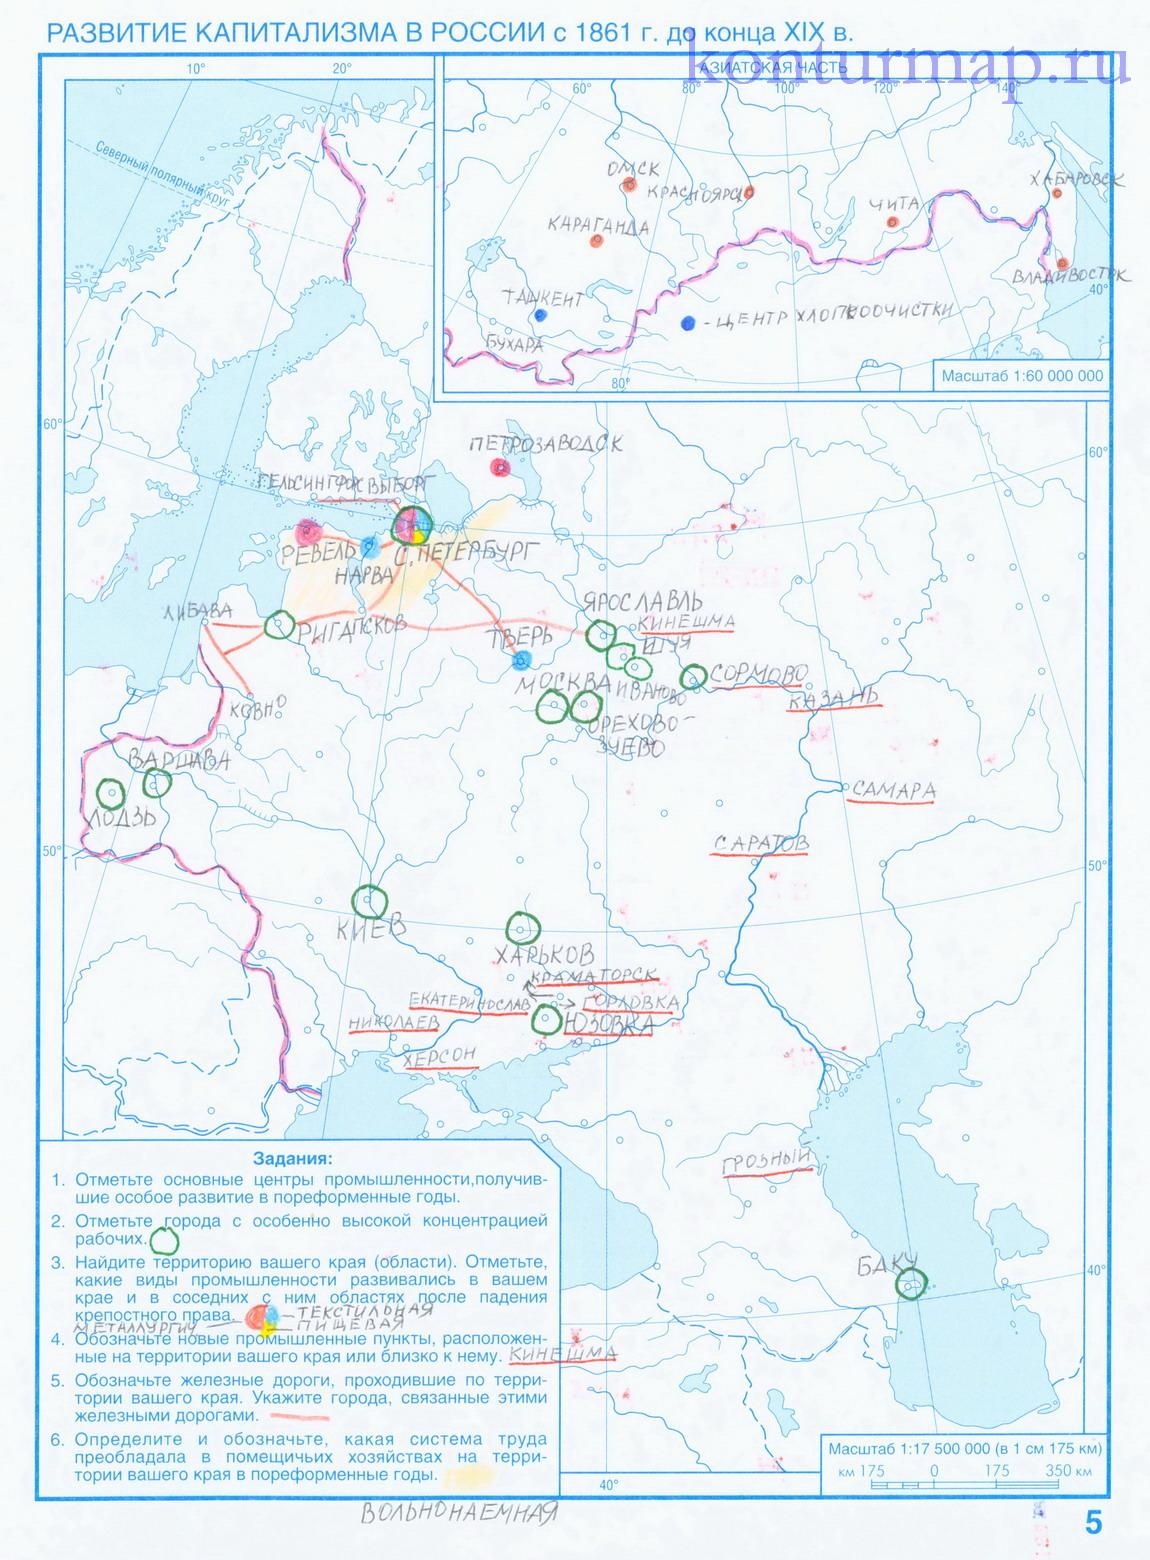 Решебник по контурной карте по истории нового времени 8 класс